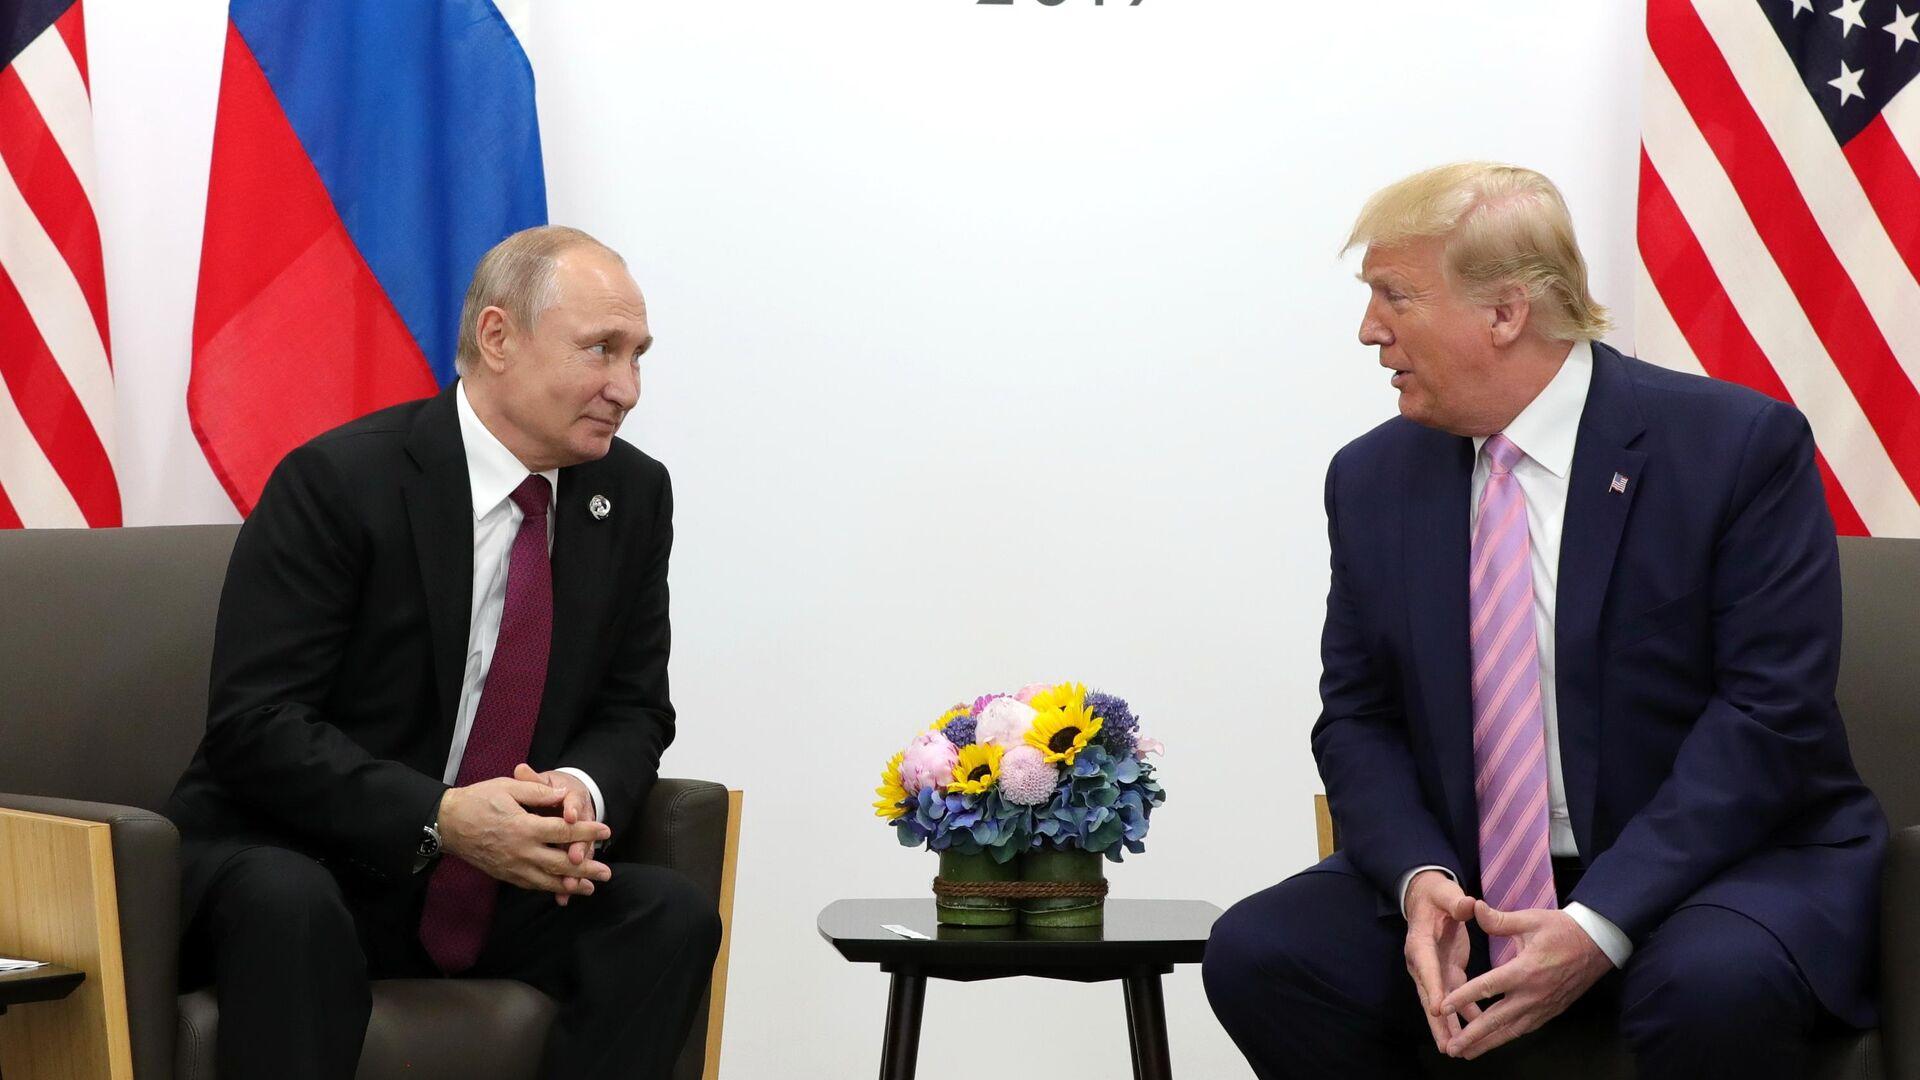 Президент РФ Владимир Путин и президент США Дональд Трамп на полях саммита Группы двадцати в Осаке. 28 июня 2019 - РИА Новости, 1920, 28.09.2021